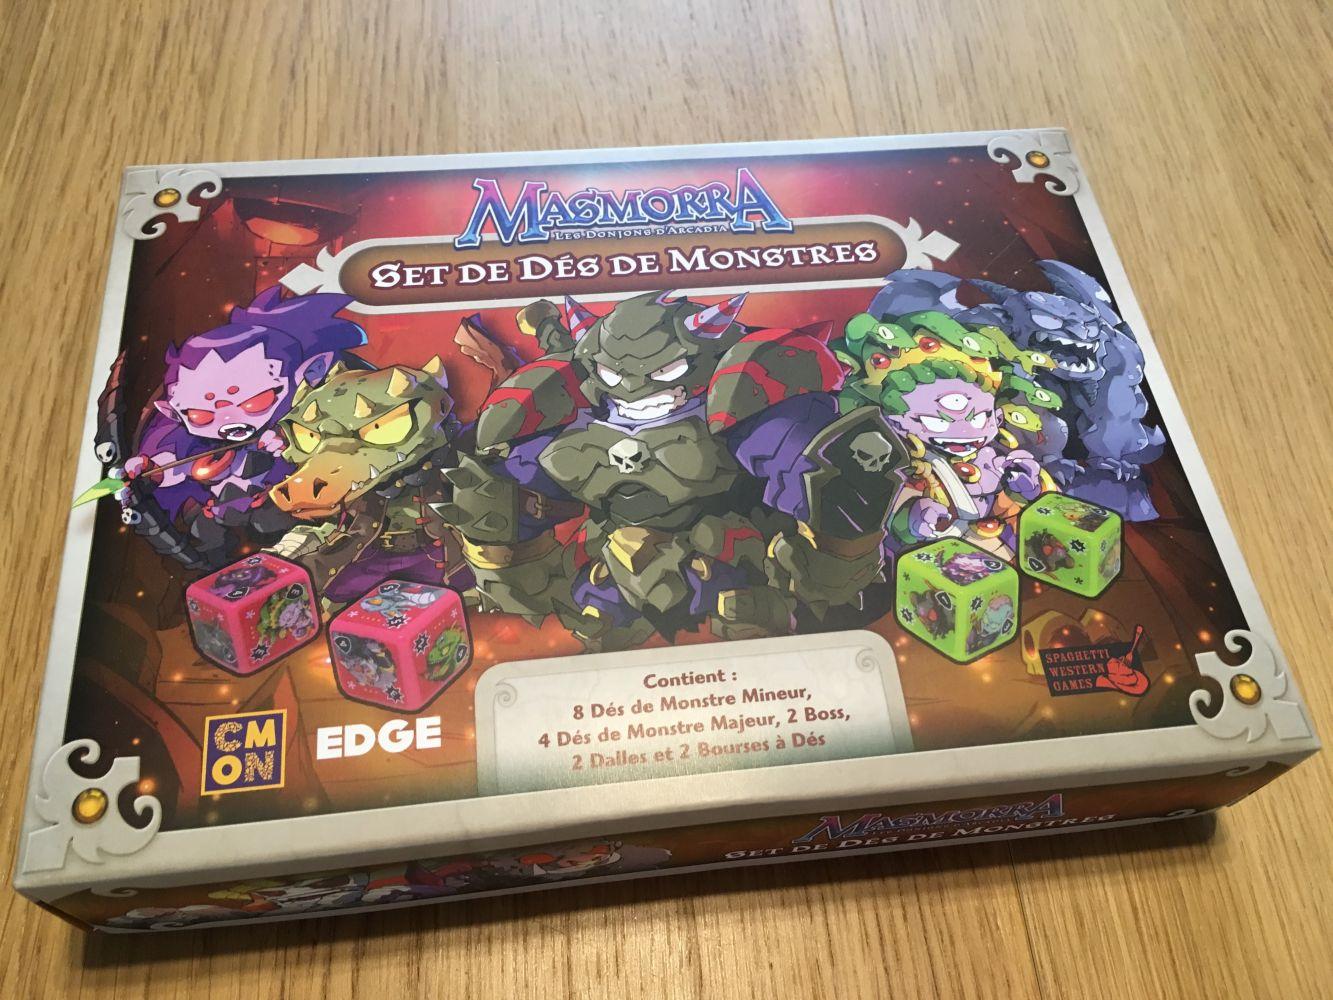 La boite du set de monstres pour Masmorra